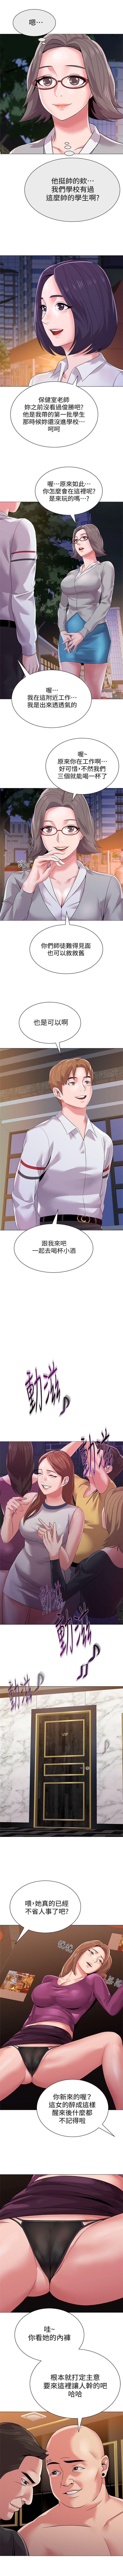 (周3)老师 1-56 中文翻译(更新中) 111